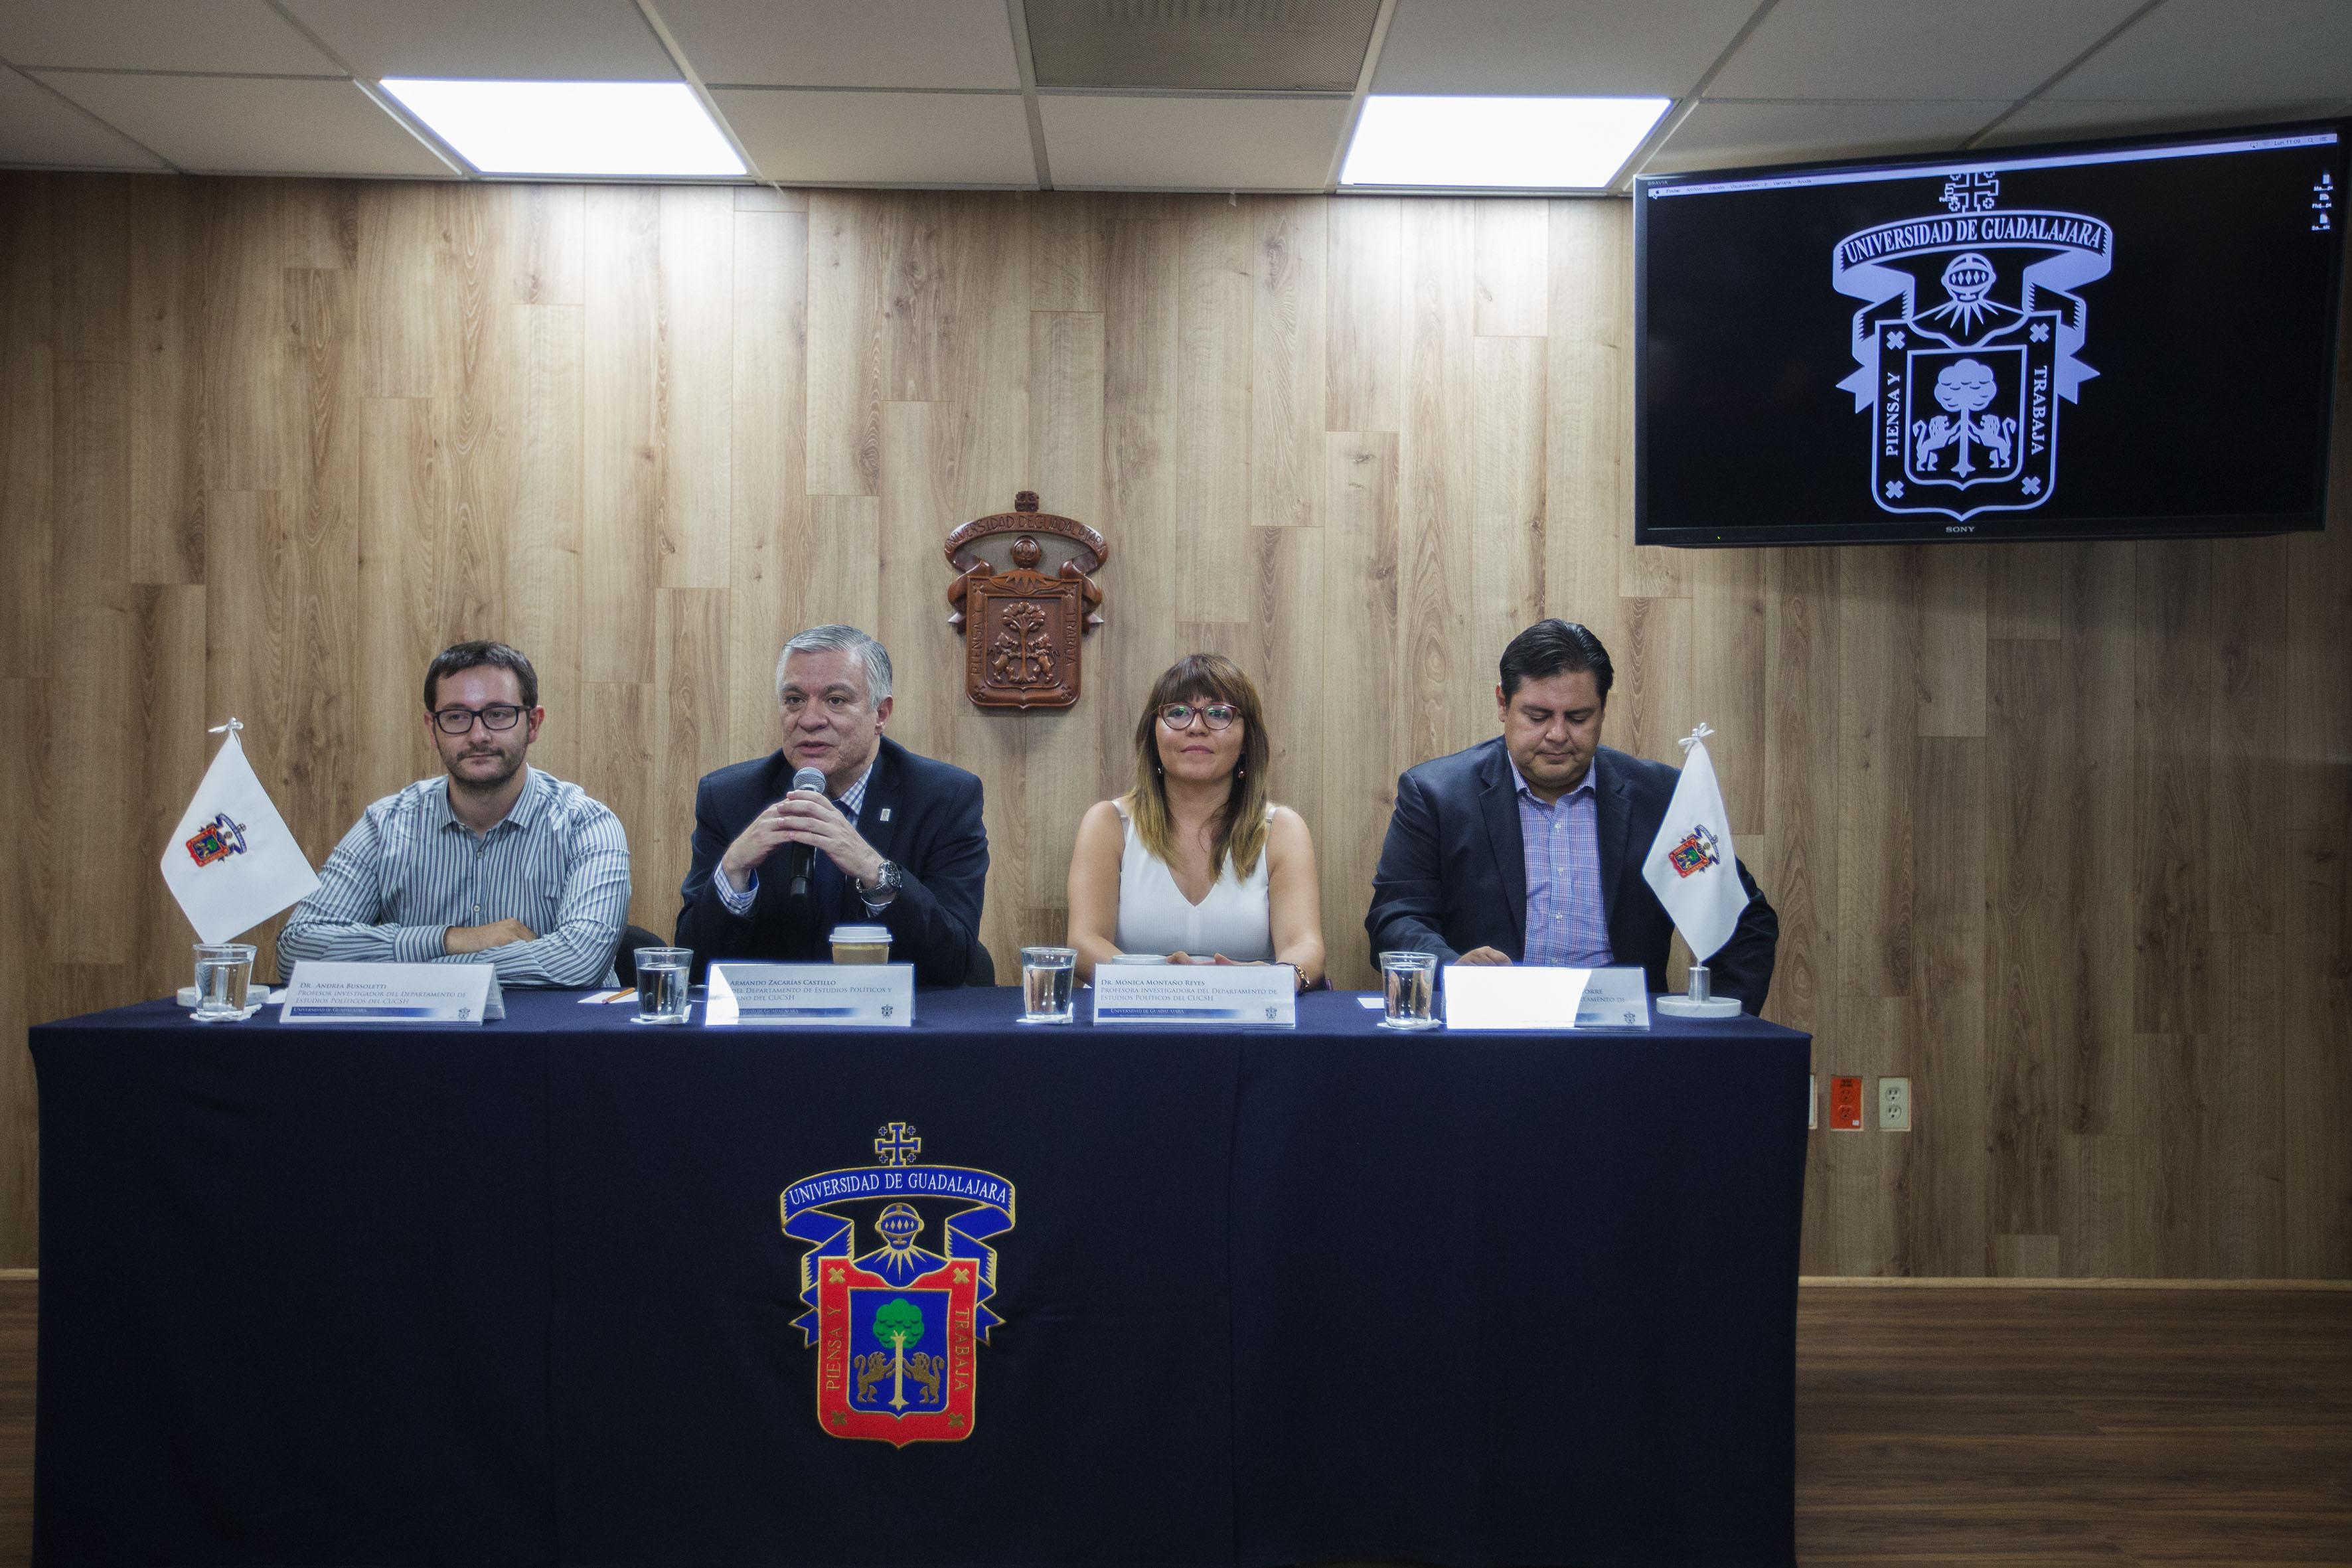 Académicos del Departamento de Estudios Políticos del Centro Universitario de Ciencias Sociales y Humanidades (CUCSH), impartiendo rueda de prensa.